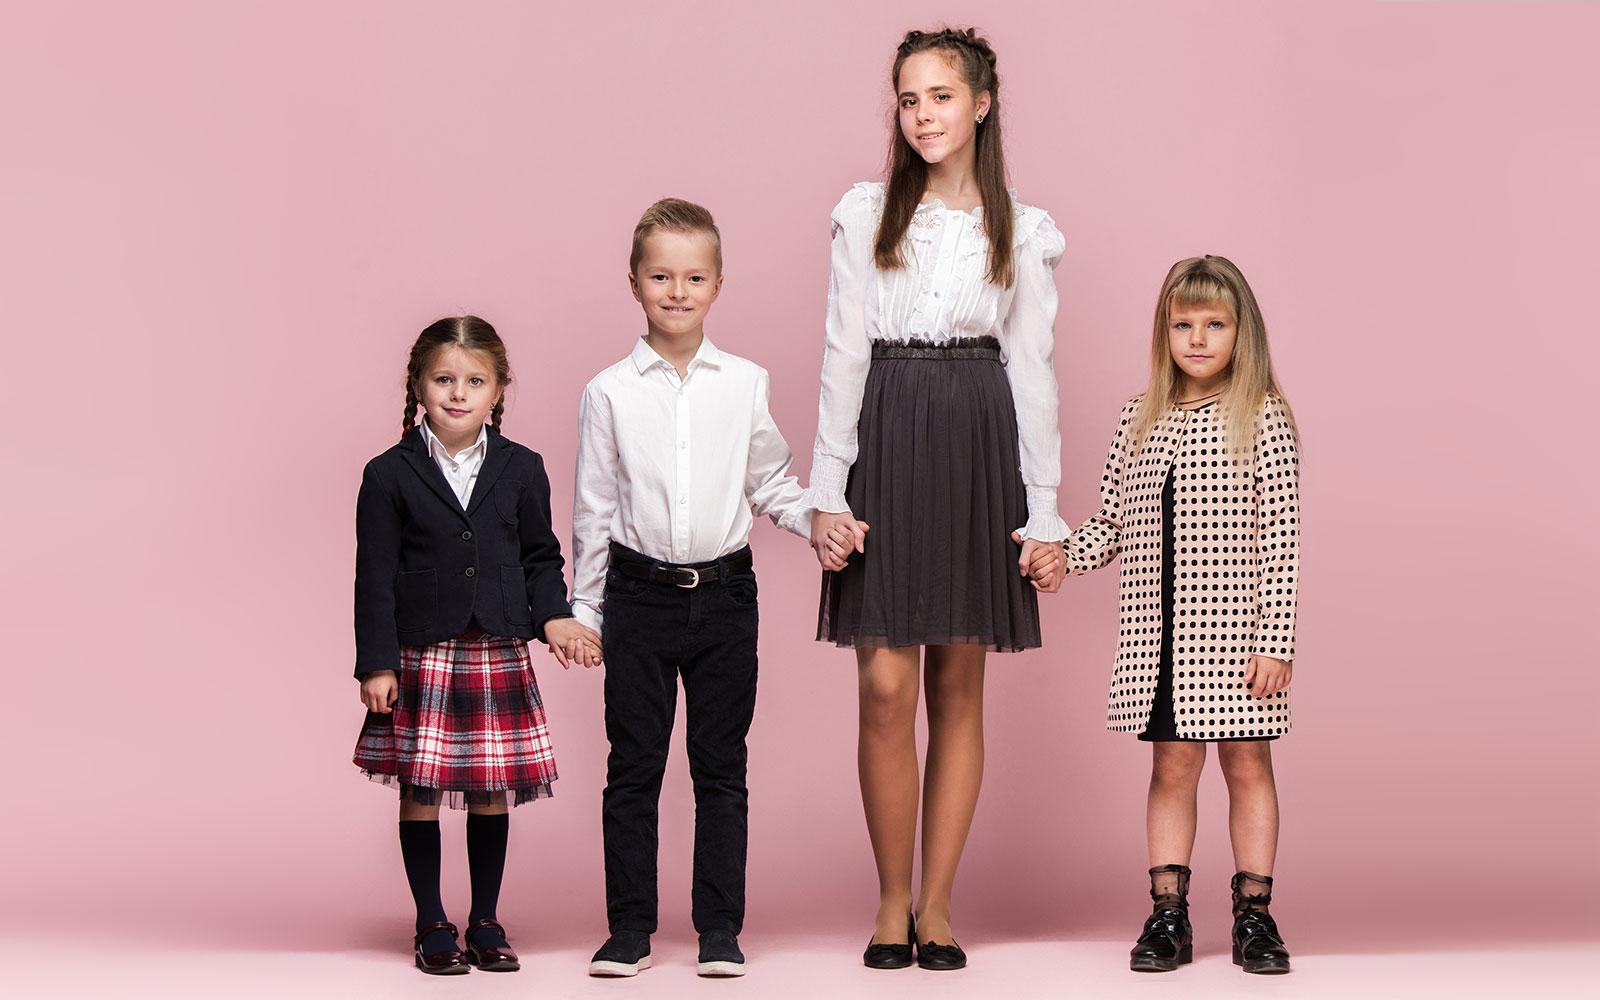 grupka z dziewczynką